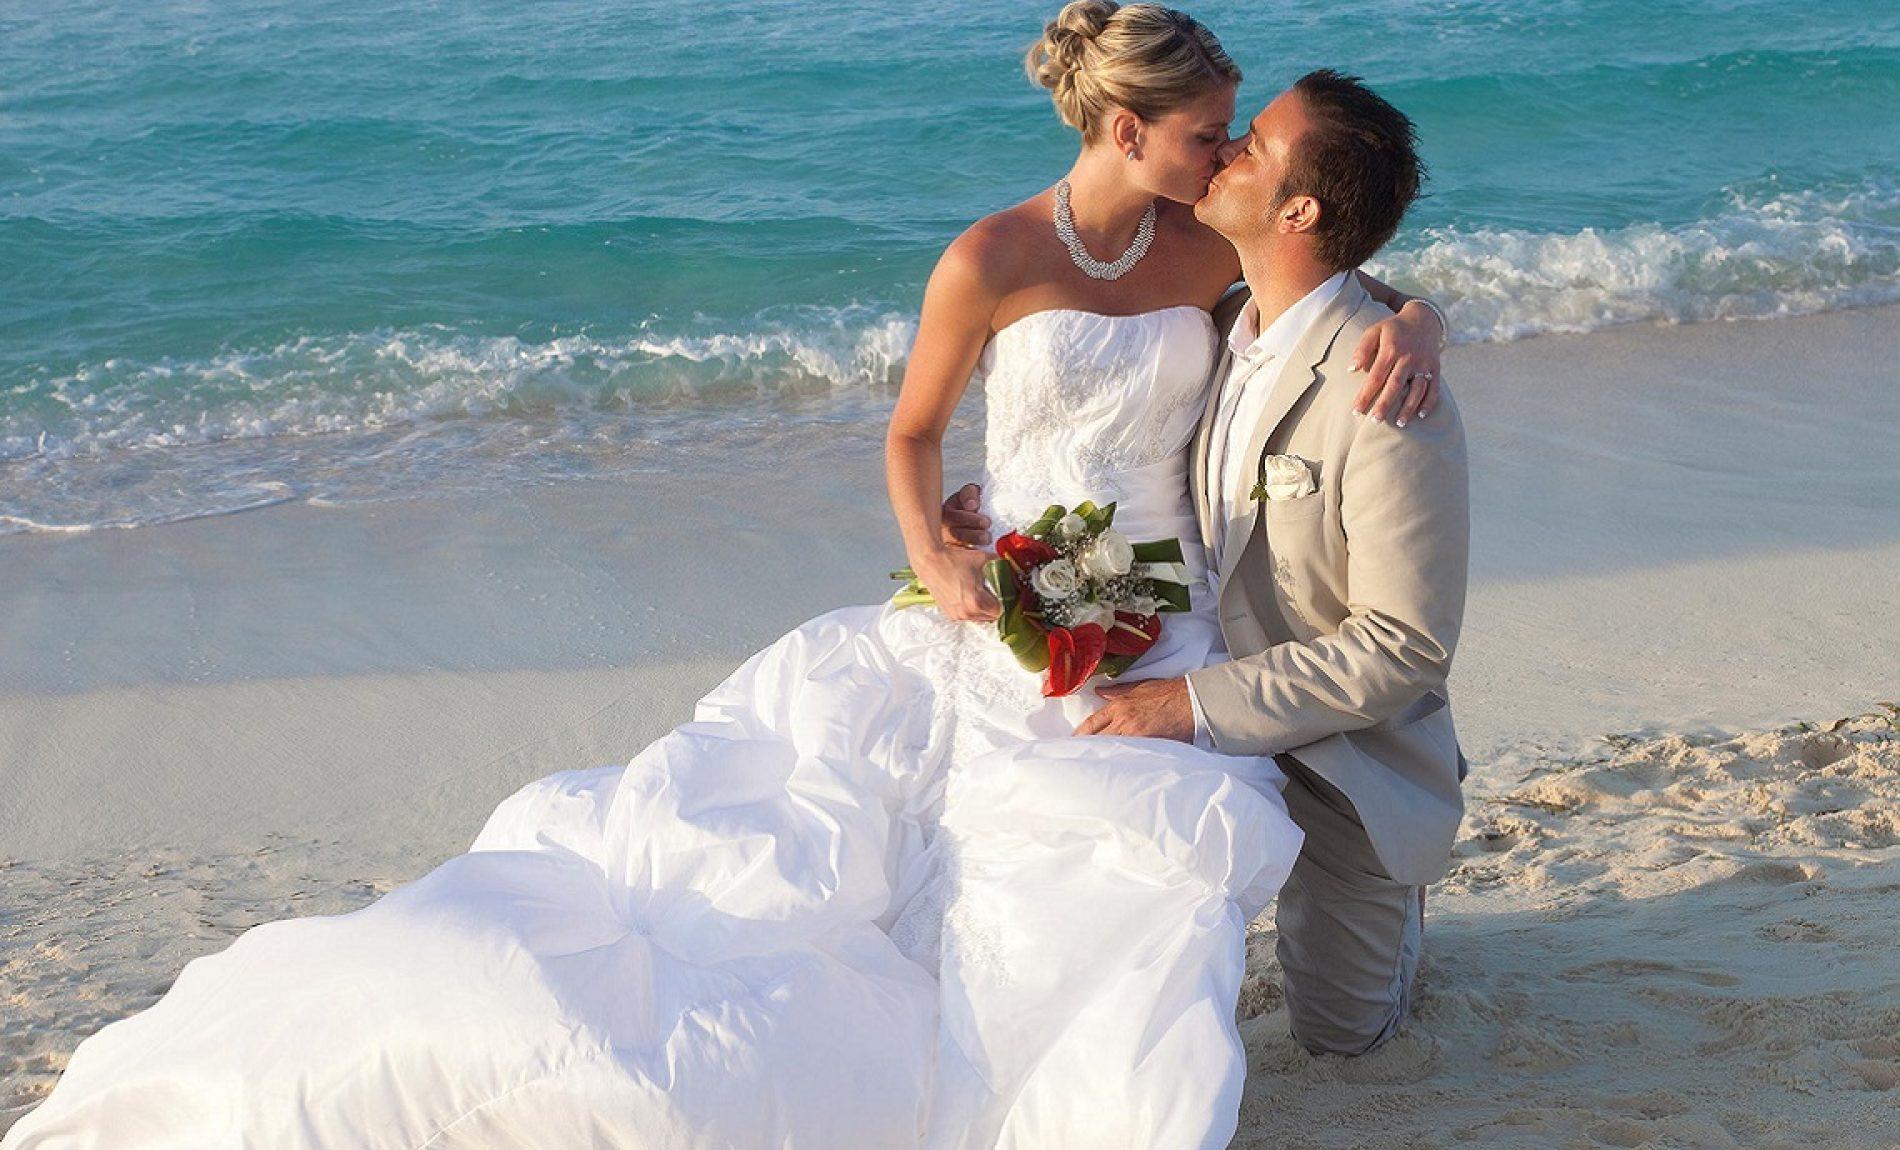 Matrimonio a Luglio? Ecco qualche consiglio!